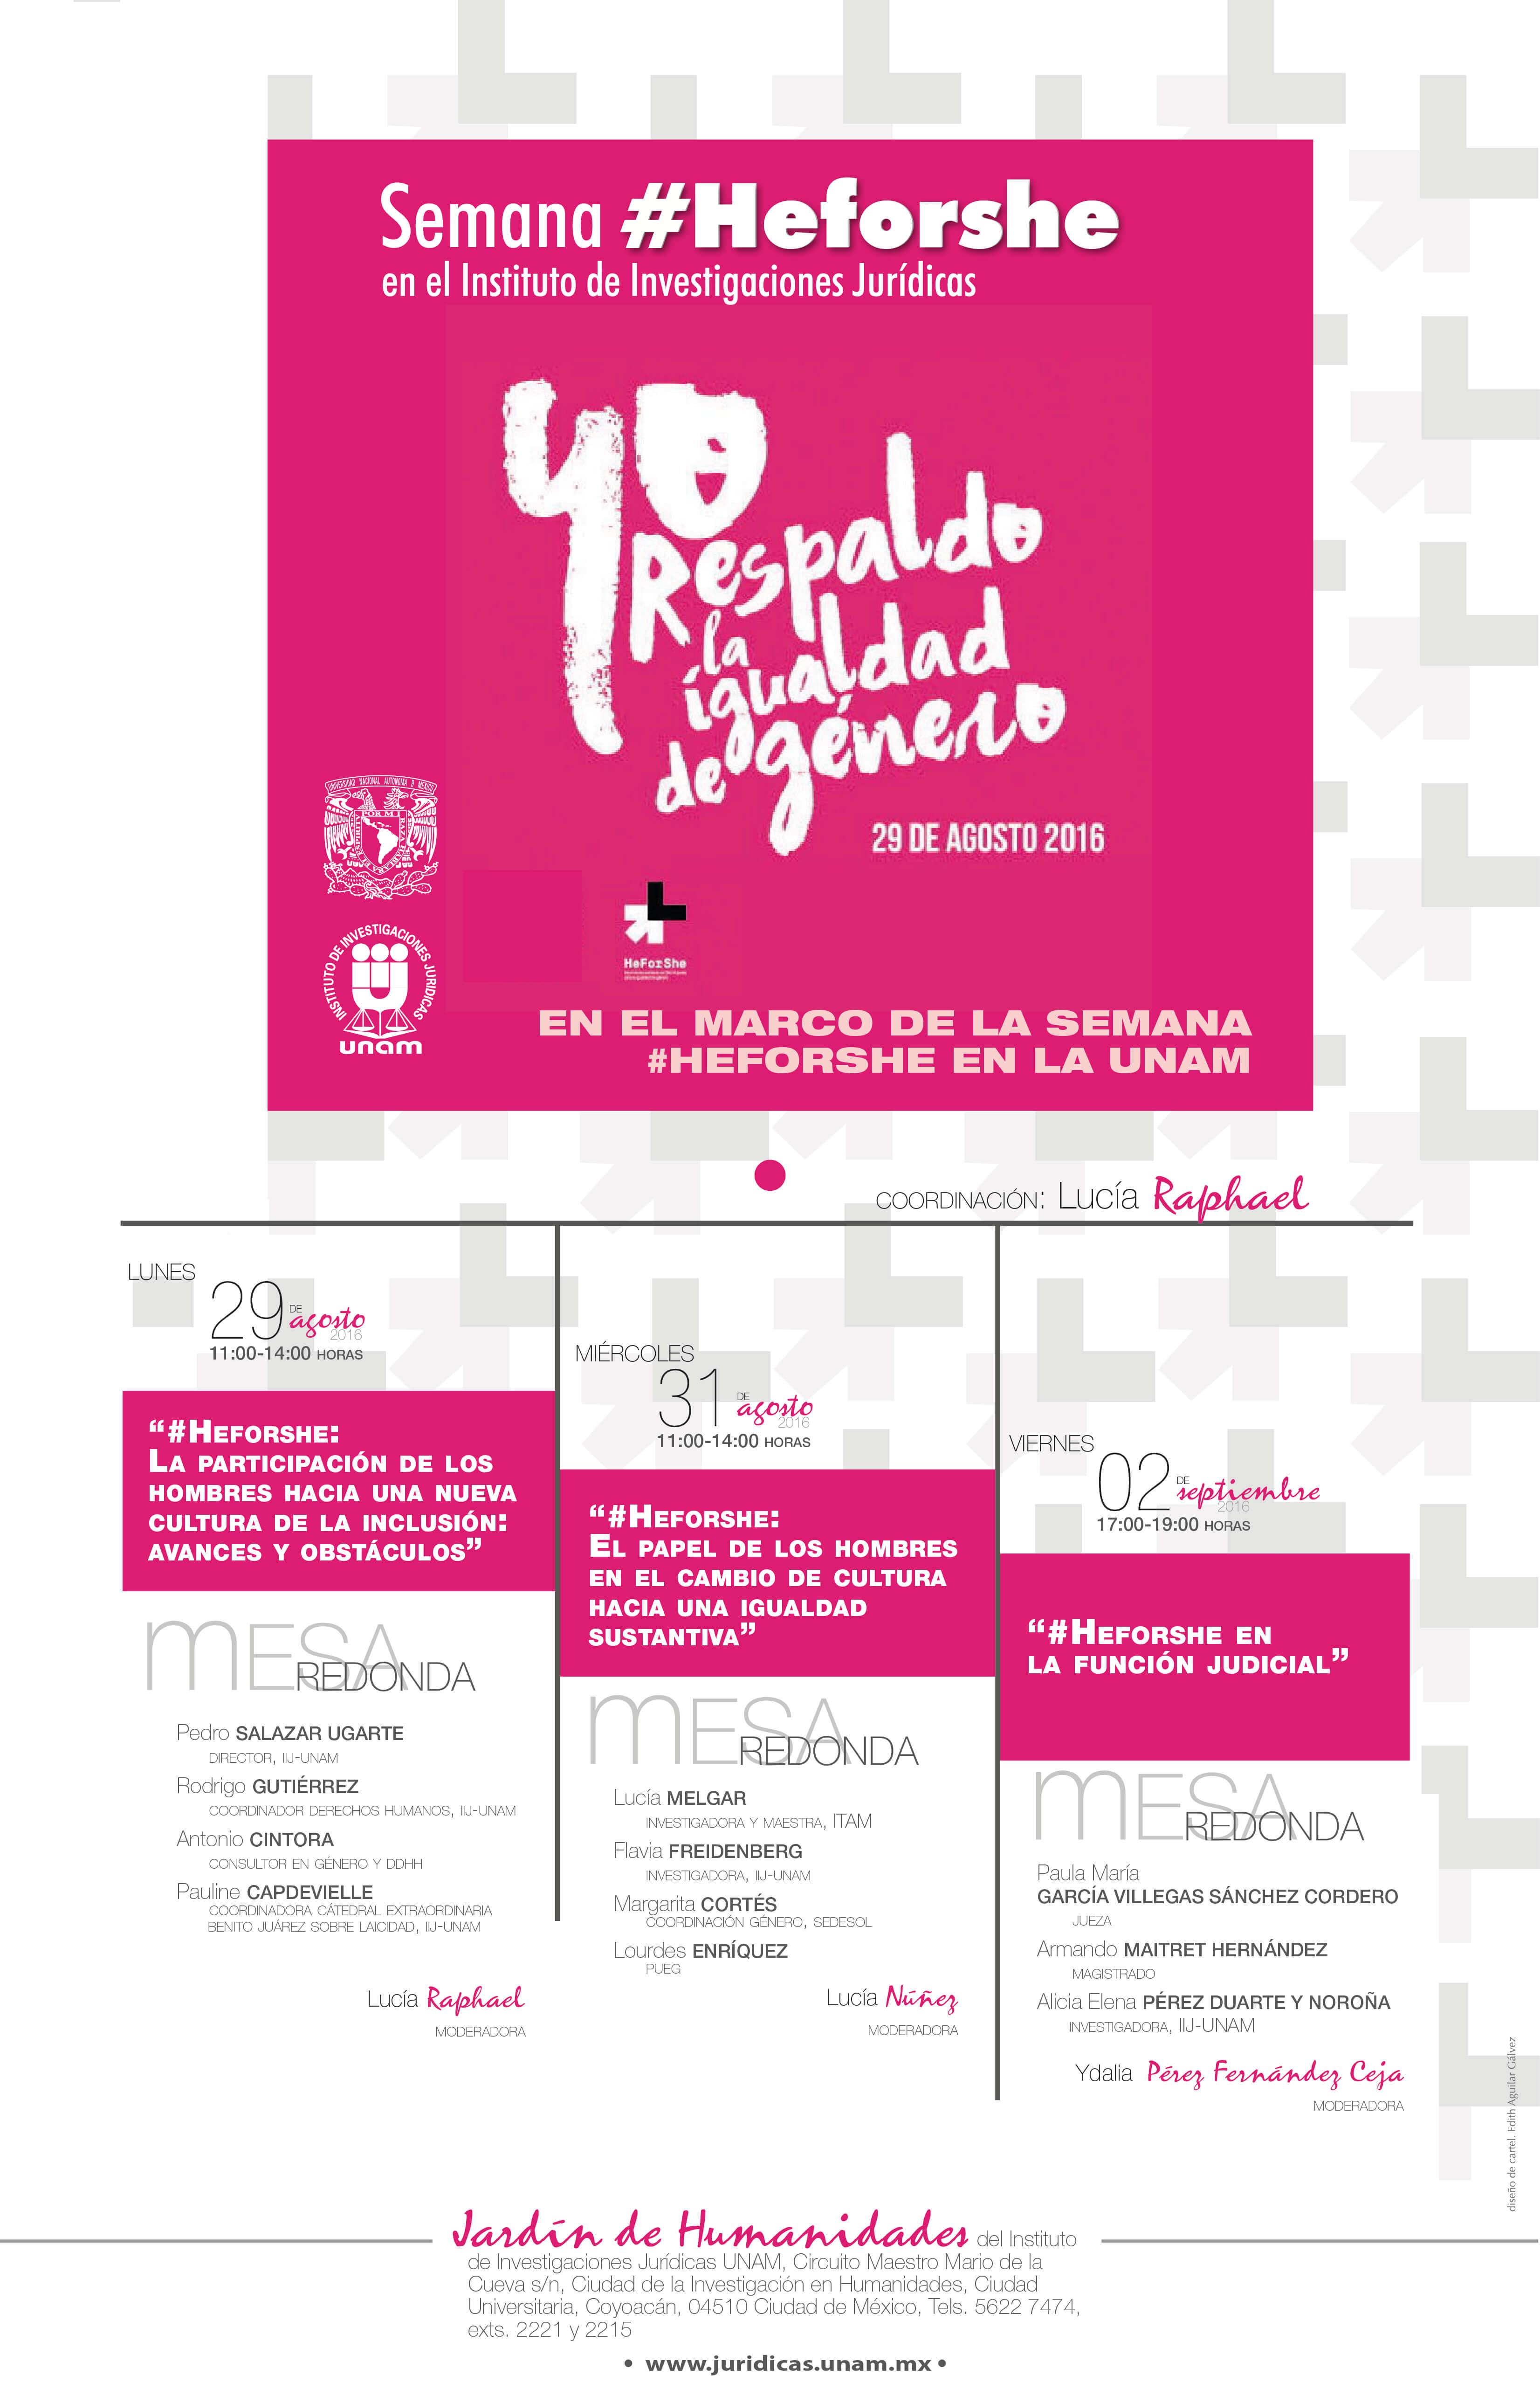 Semana #HeforShe en el Instituto de Investigaciones Jurídicas en el marco de la semana #HeforShe en la UNAM